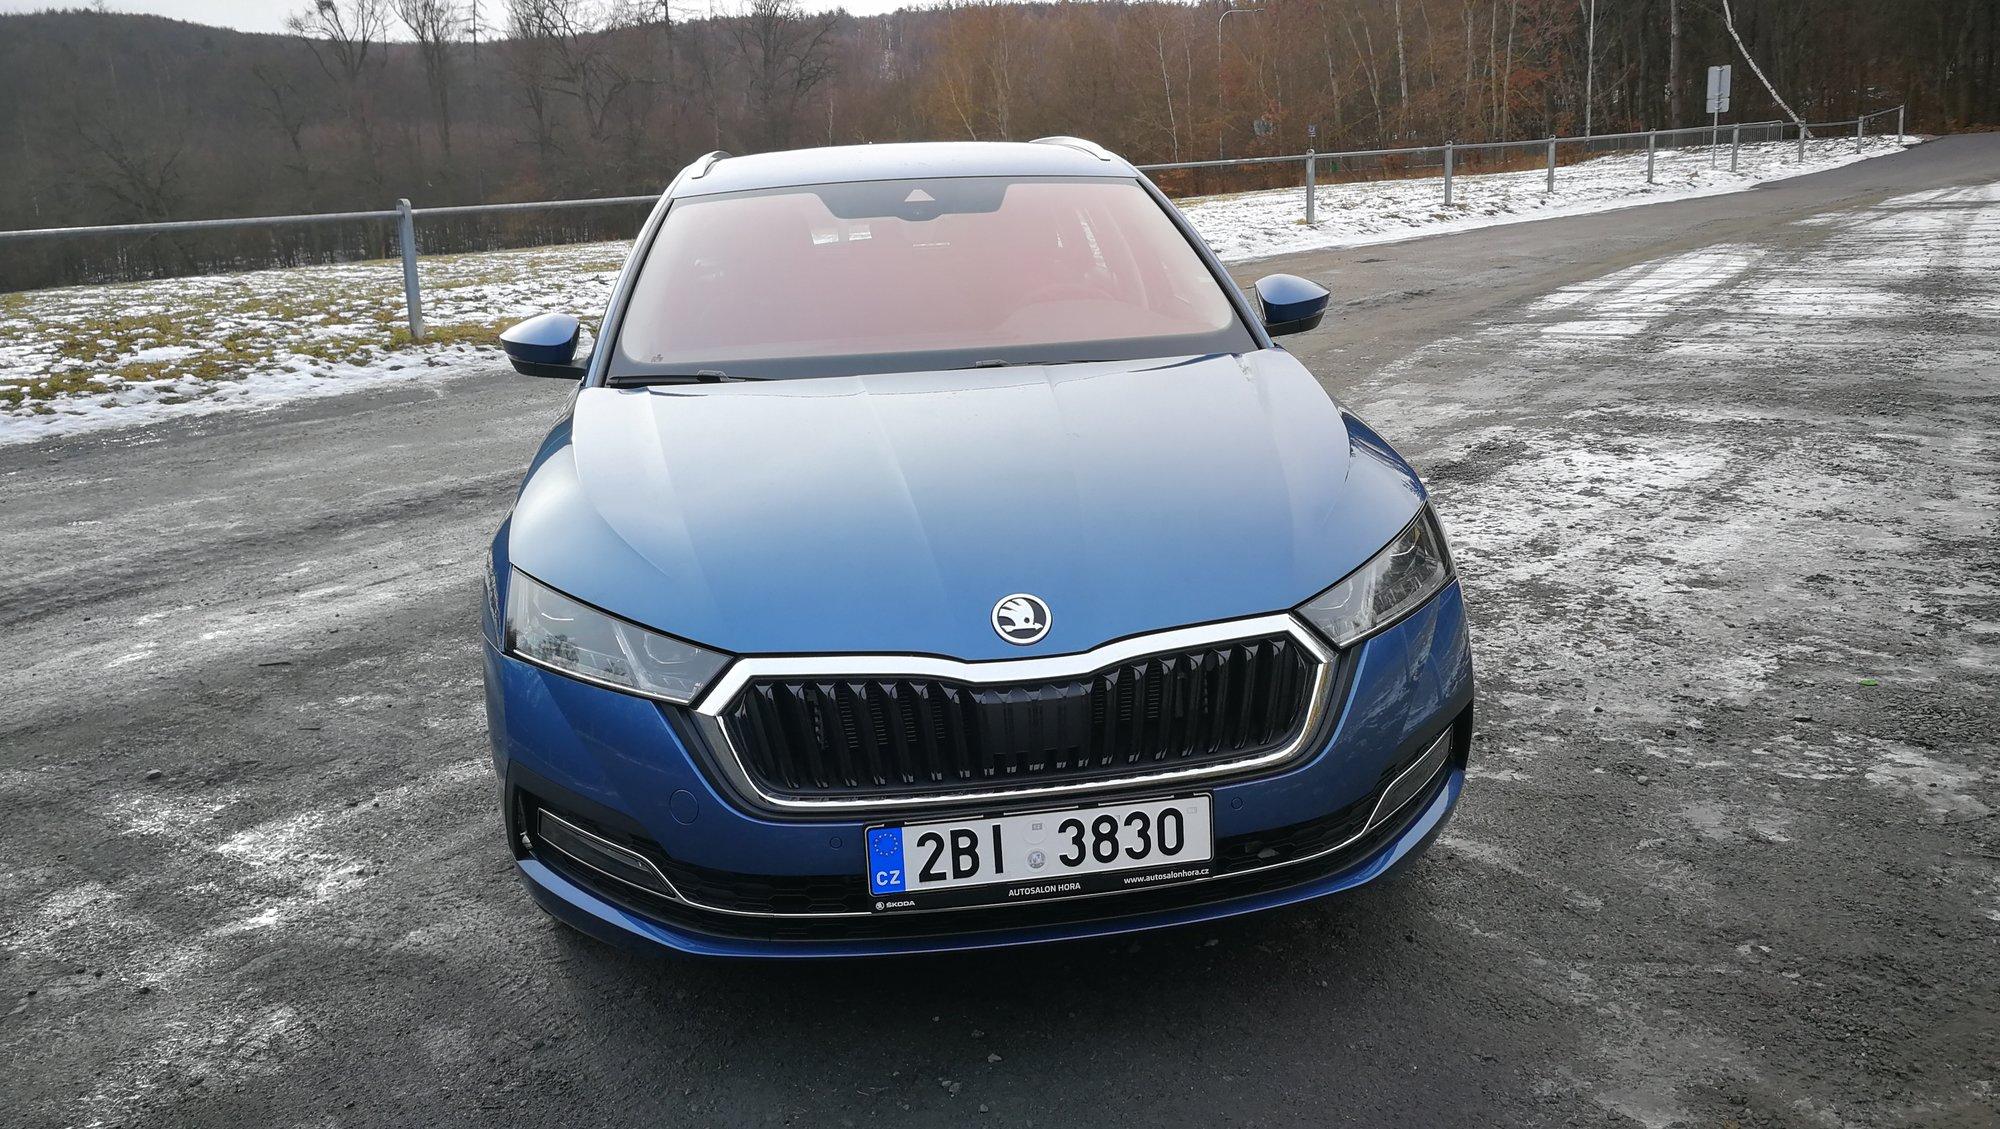 MINITEST: Škoda Octavia combi 1,5 TSI IV. generace ve zřejmě nejžádanější konfiguraci - anotační obrázek